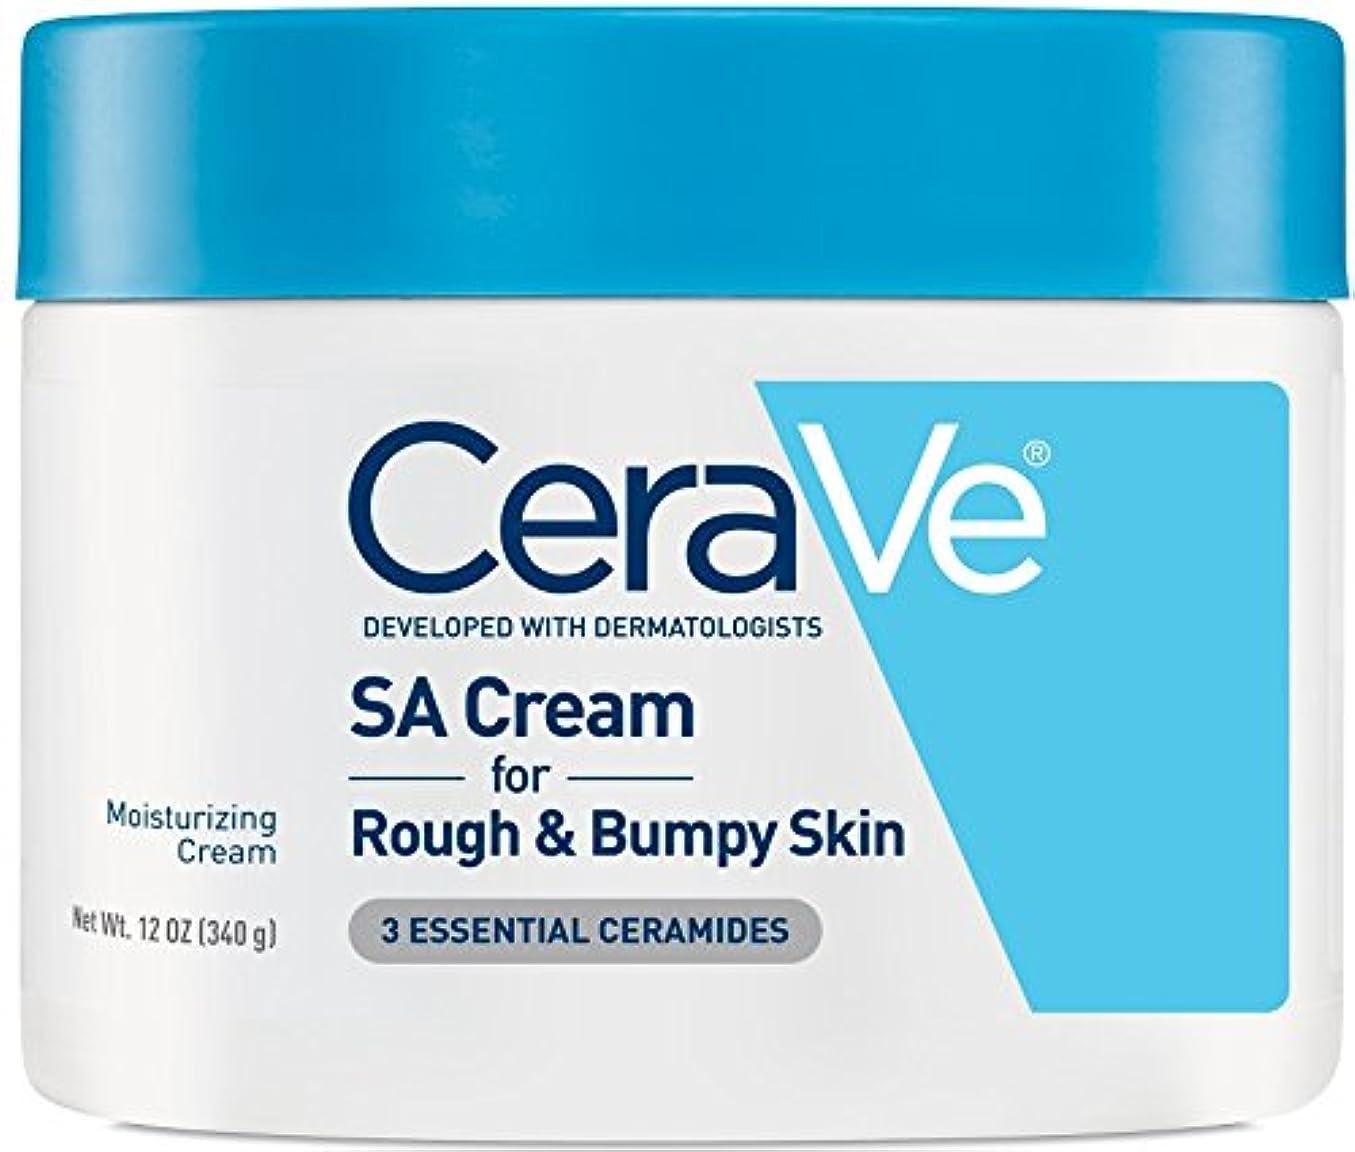 間欠アクセスできないポスト印象派海外直送品Cerave CeraVe Renewing SA Cream, 12 oz